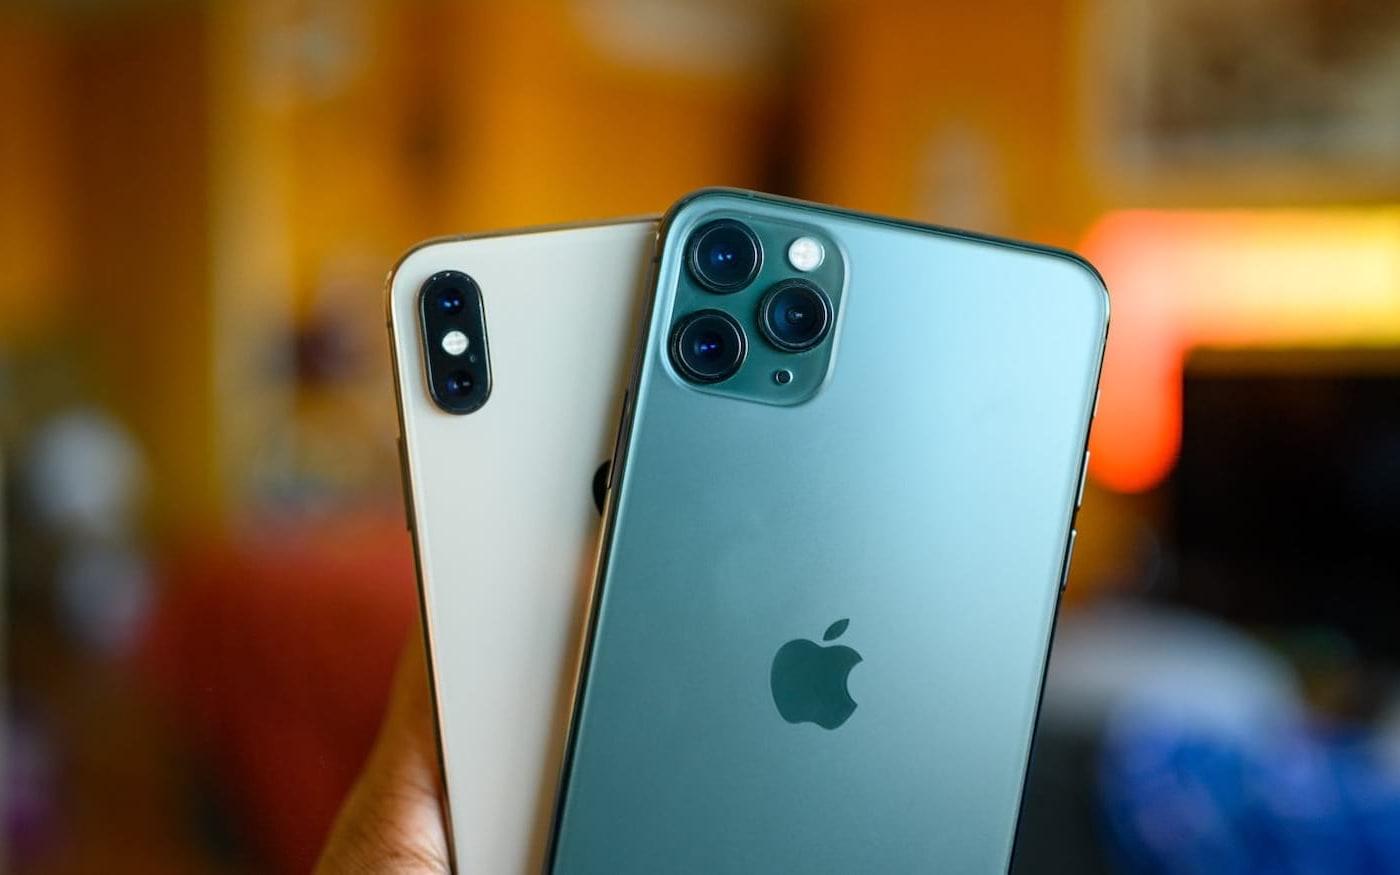 Os iPhone 11 demonstram maior eficiência energética que concorrentes Android